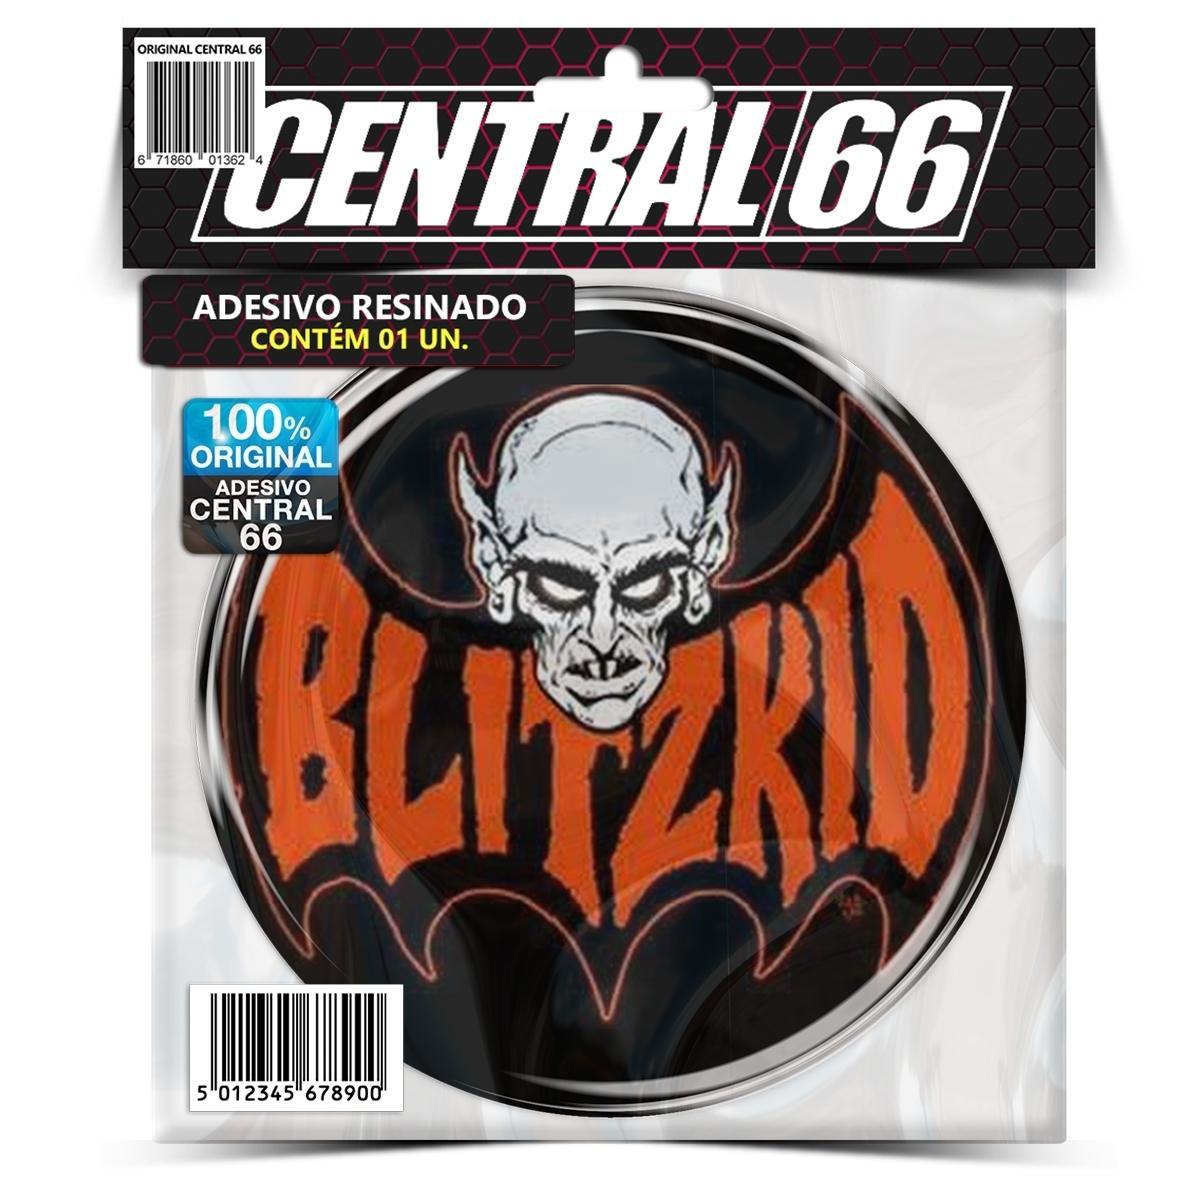 Adesivo Redondo Blitzkid Logo – Central 66